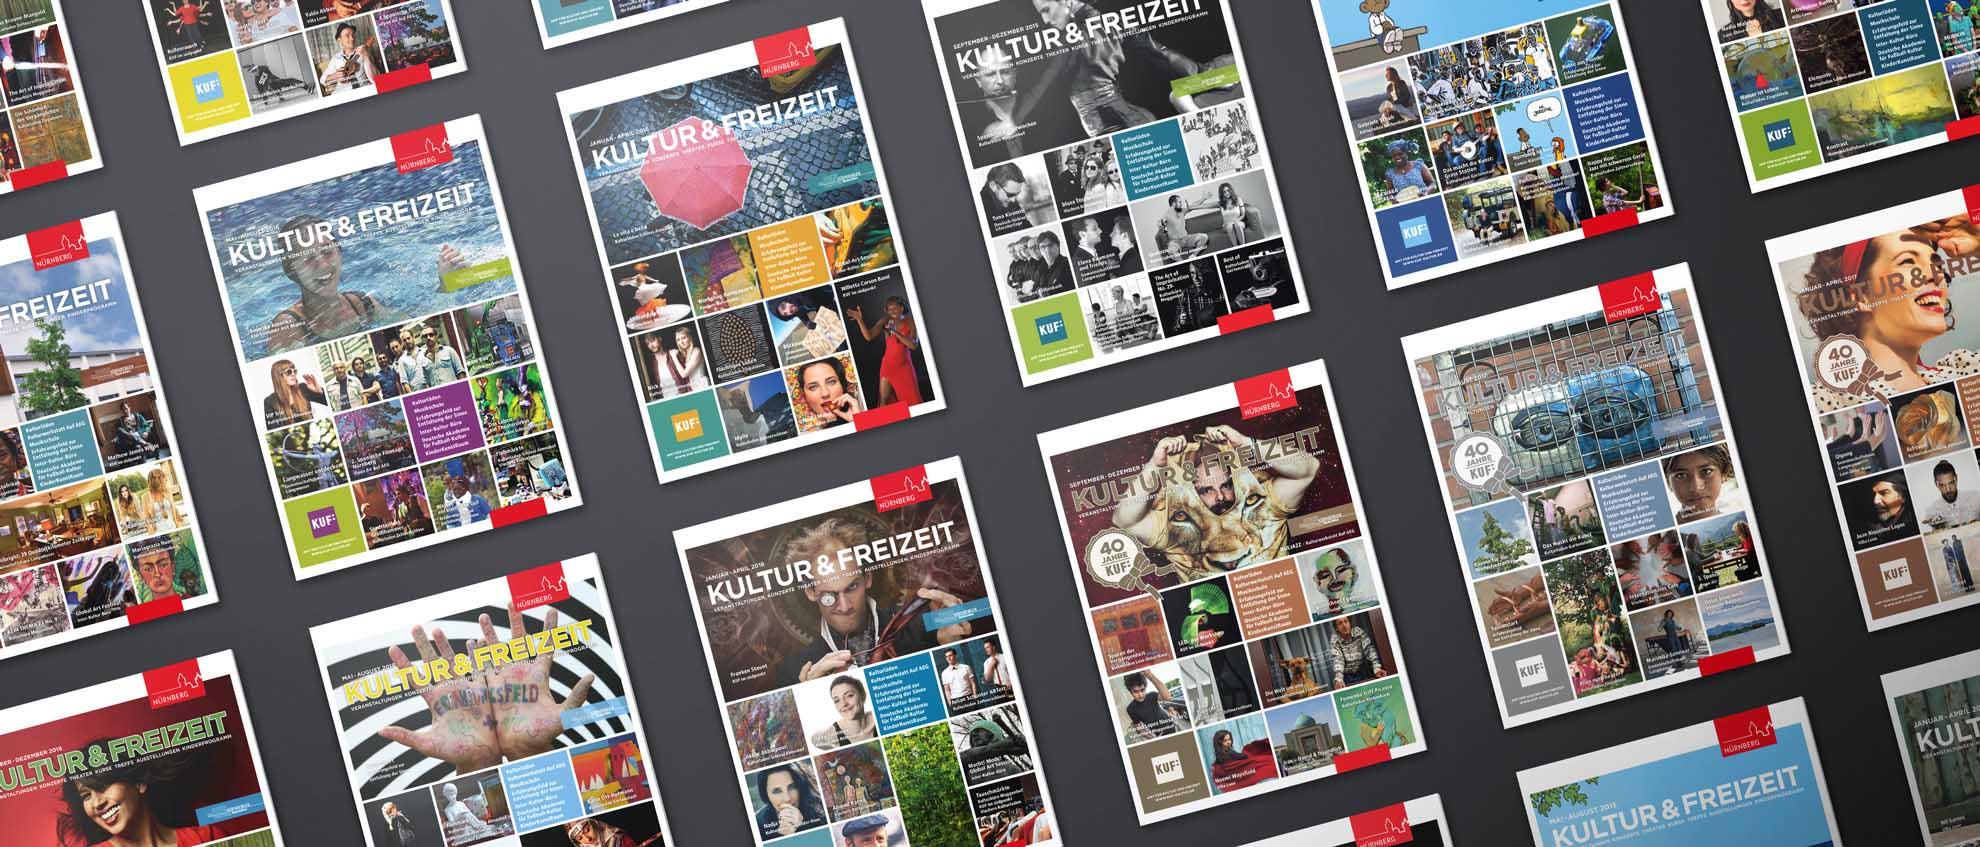 Für das Amt für Kultur & Freizeit der Stadt Nürnberg konzipiert und realisiert REINGOLD das KUF-Magazin.